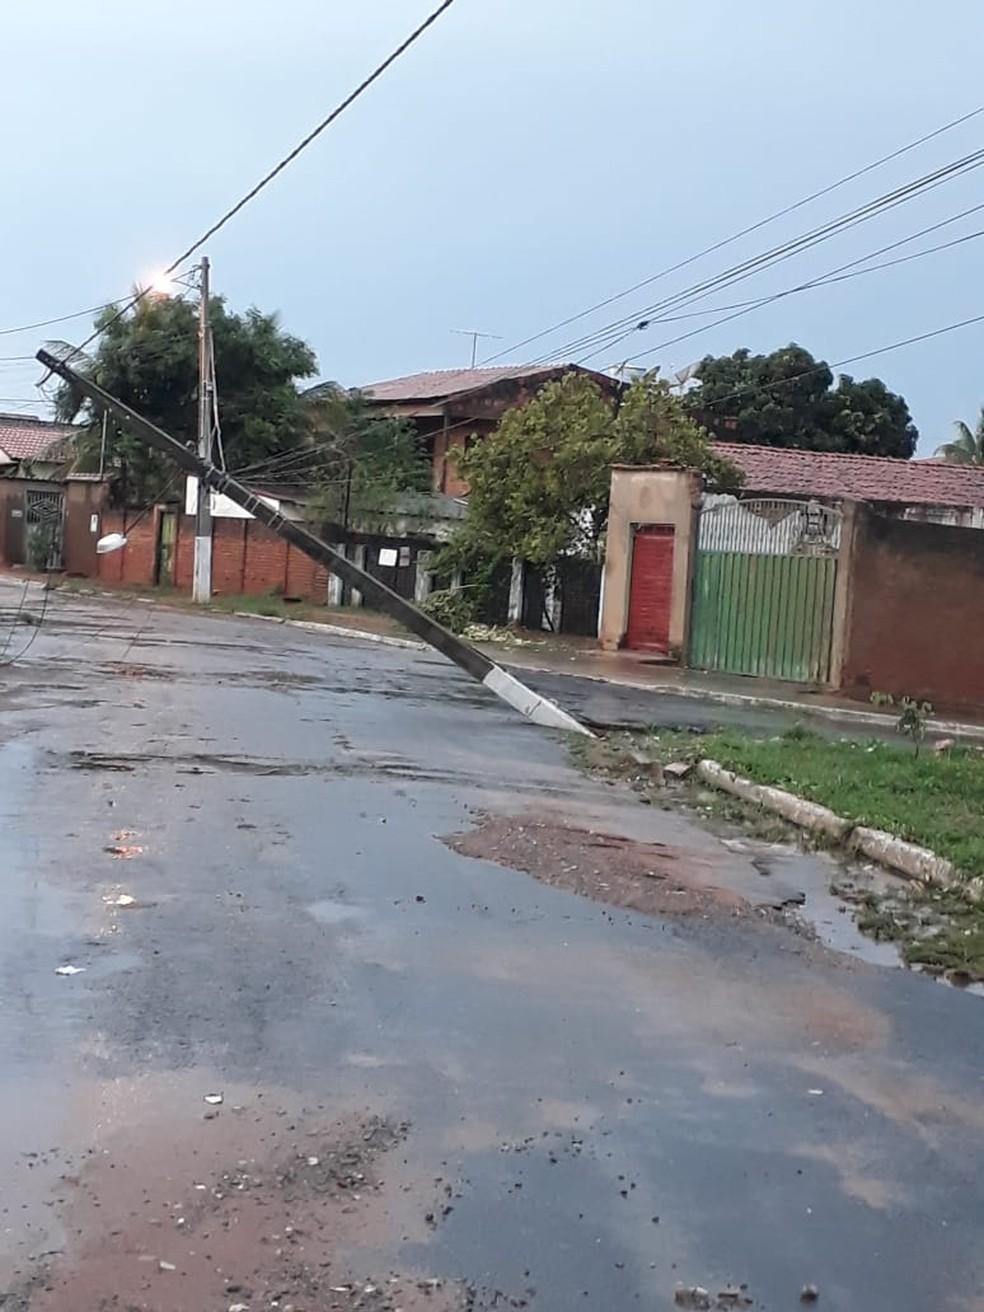 Poste ficou pendurado pelos fios em rua na cidade de Correntina — Foto: Divulgação/Prefeitura de Correntina